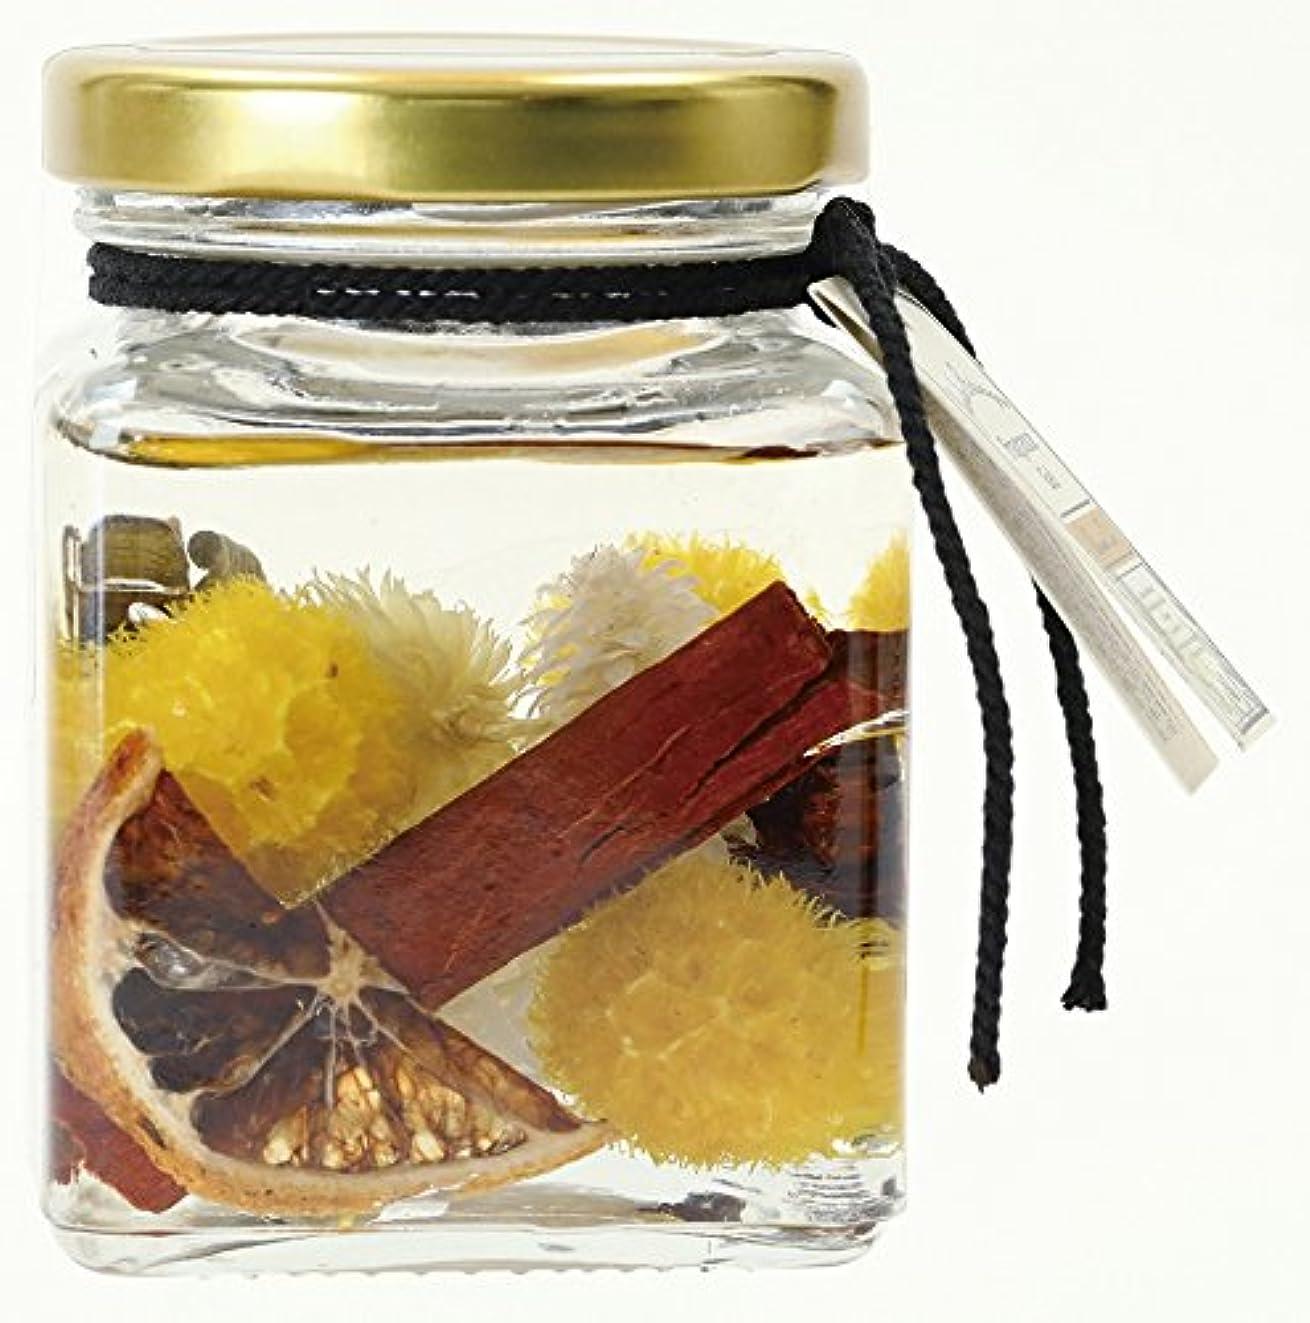 感謝風小川ノルコーポレーション フレグランスジェル ジャルダンボタニーク ベルガモット 柑橘の香り OA-JBT-1-1